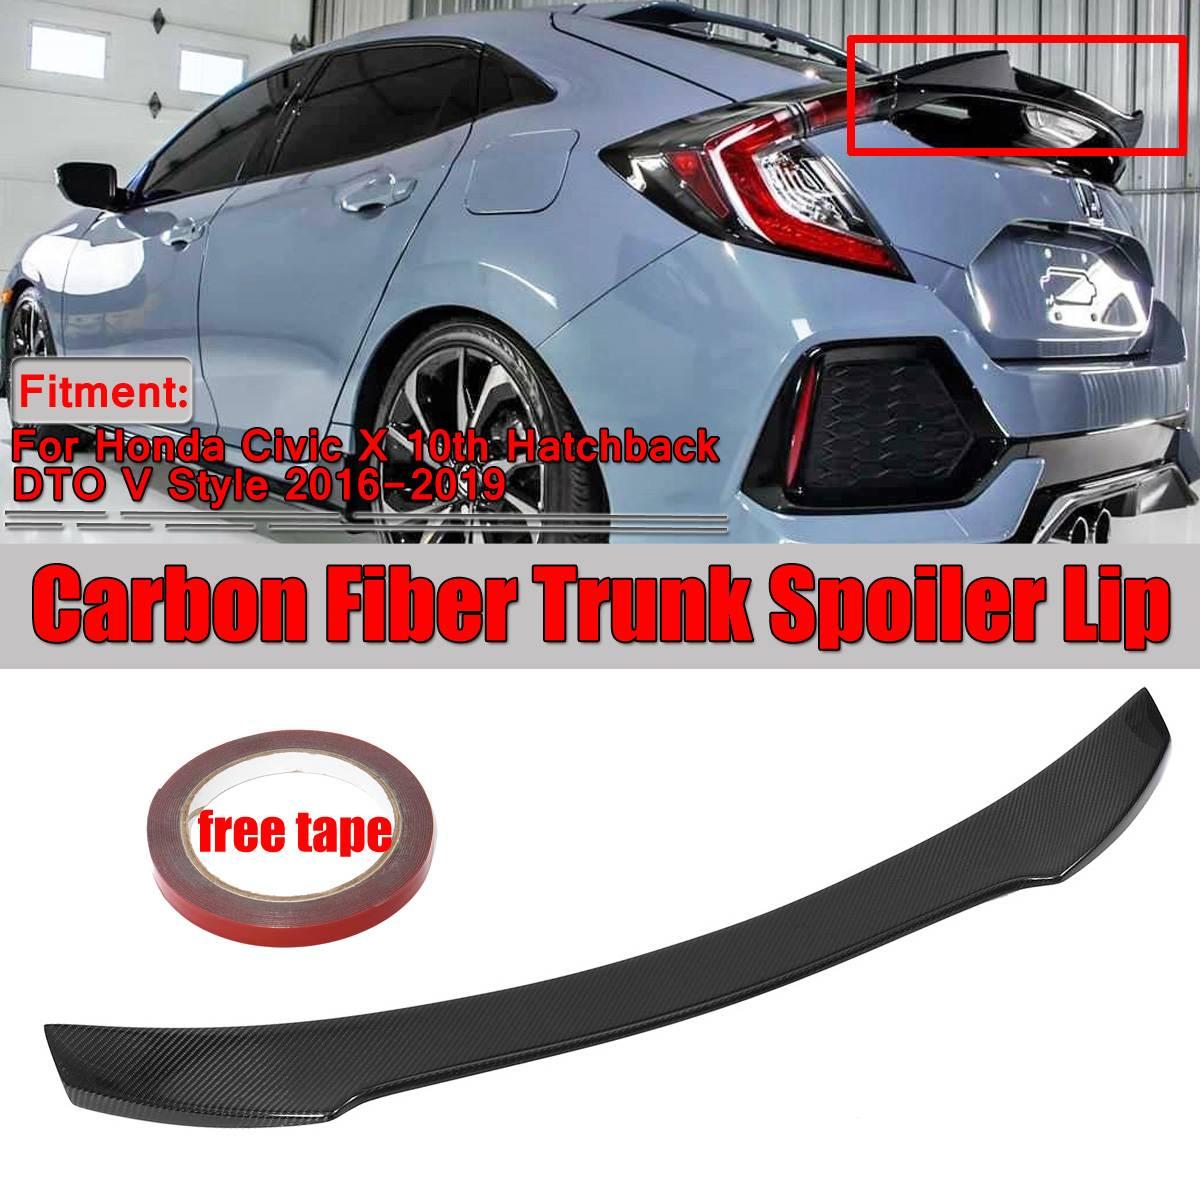 1xreal fibra de carbono para porta malas teto traseiro buco asa para honda civic x 10th